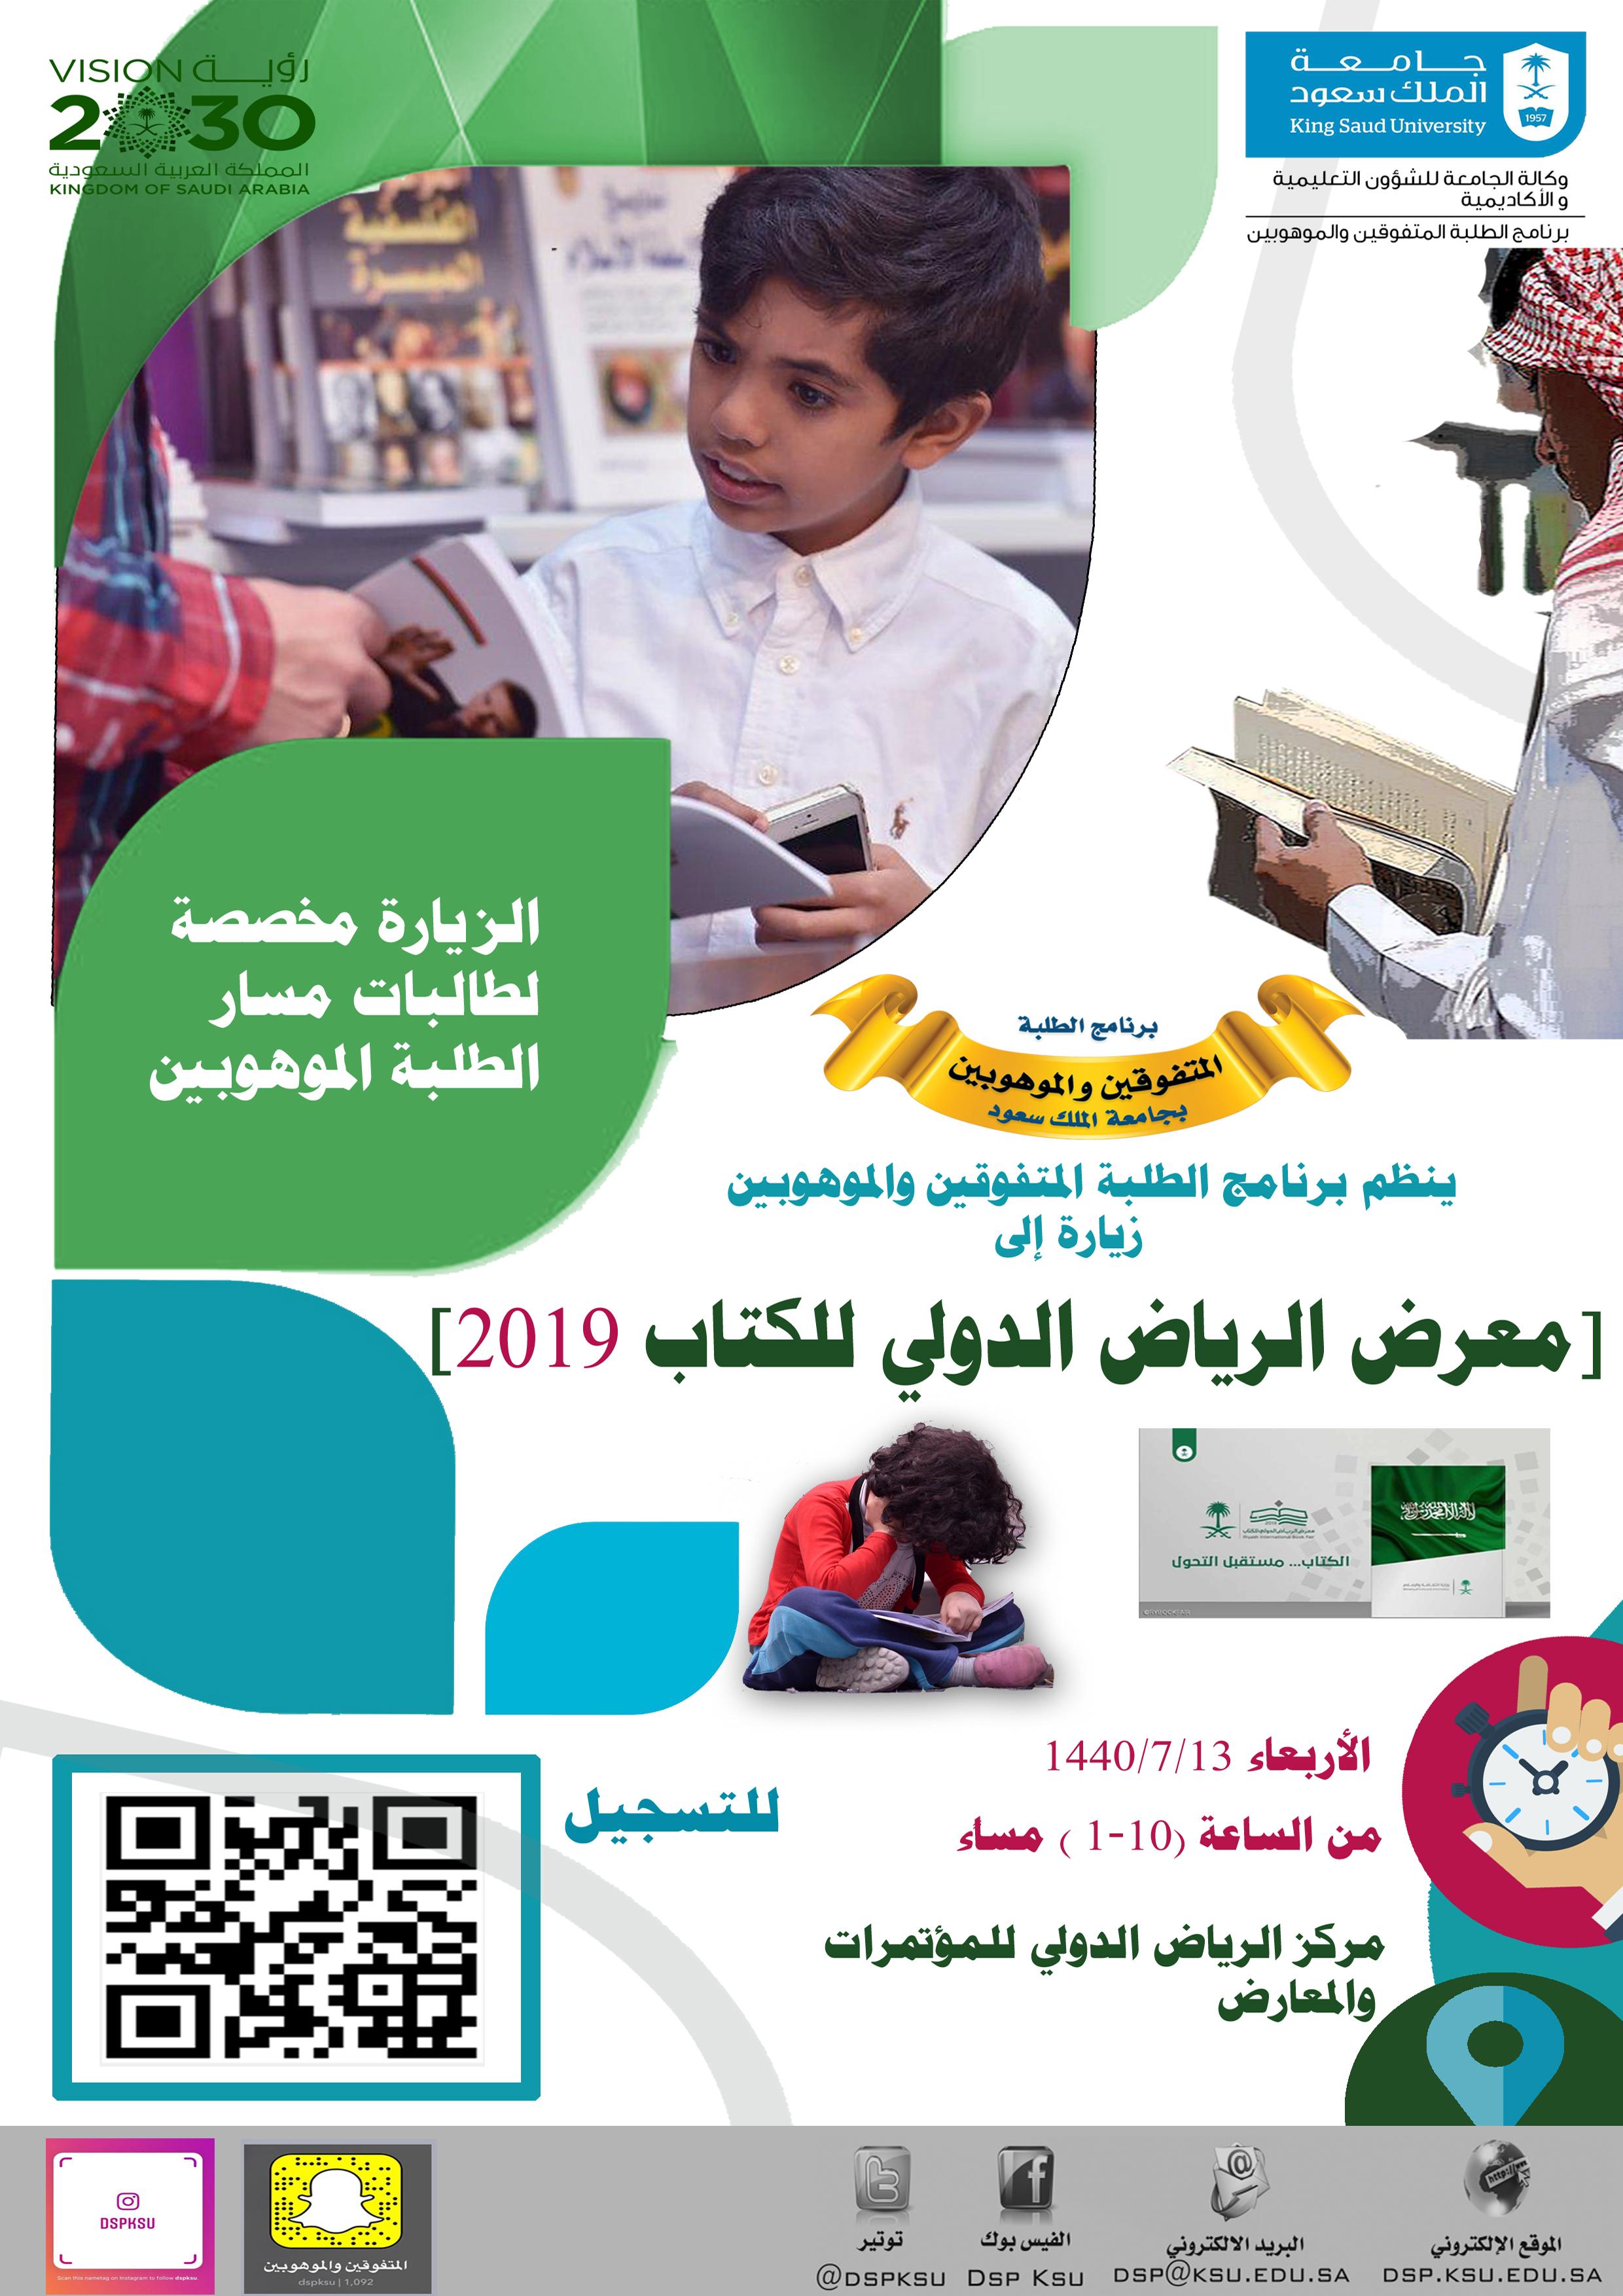 زيارة معرض الرياض الدولي للكتاب